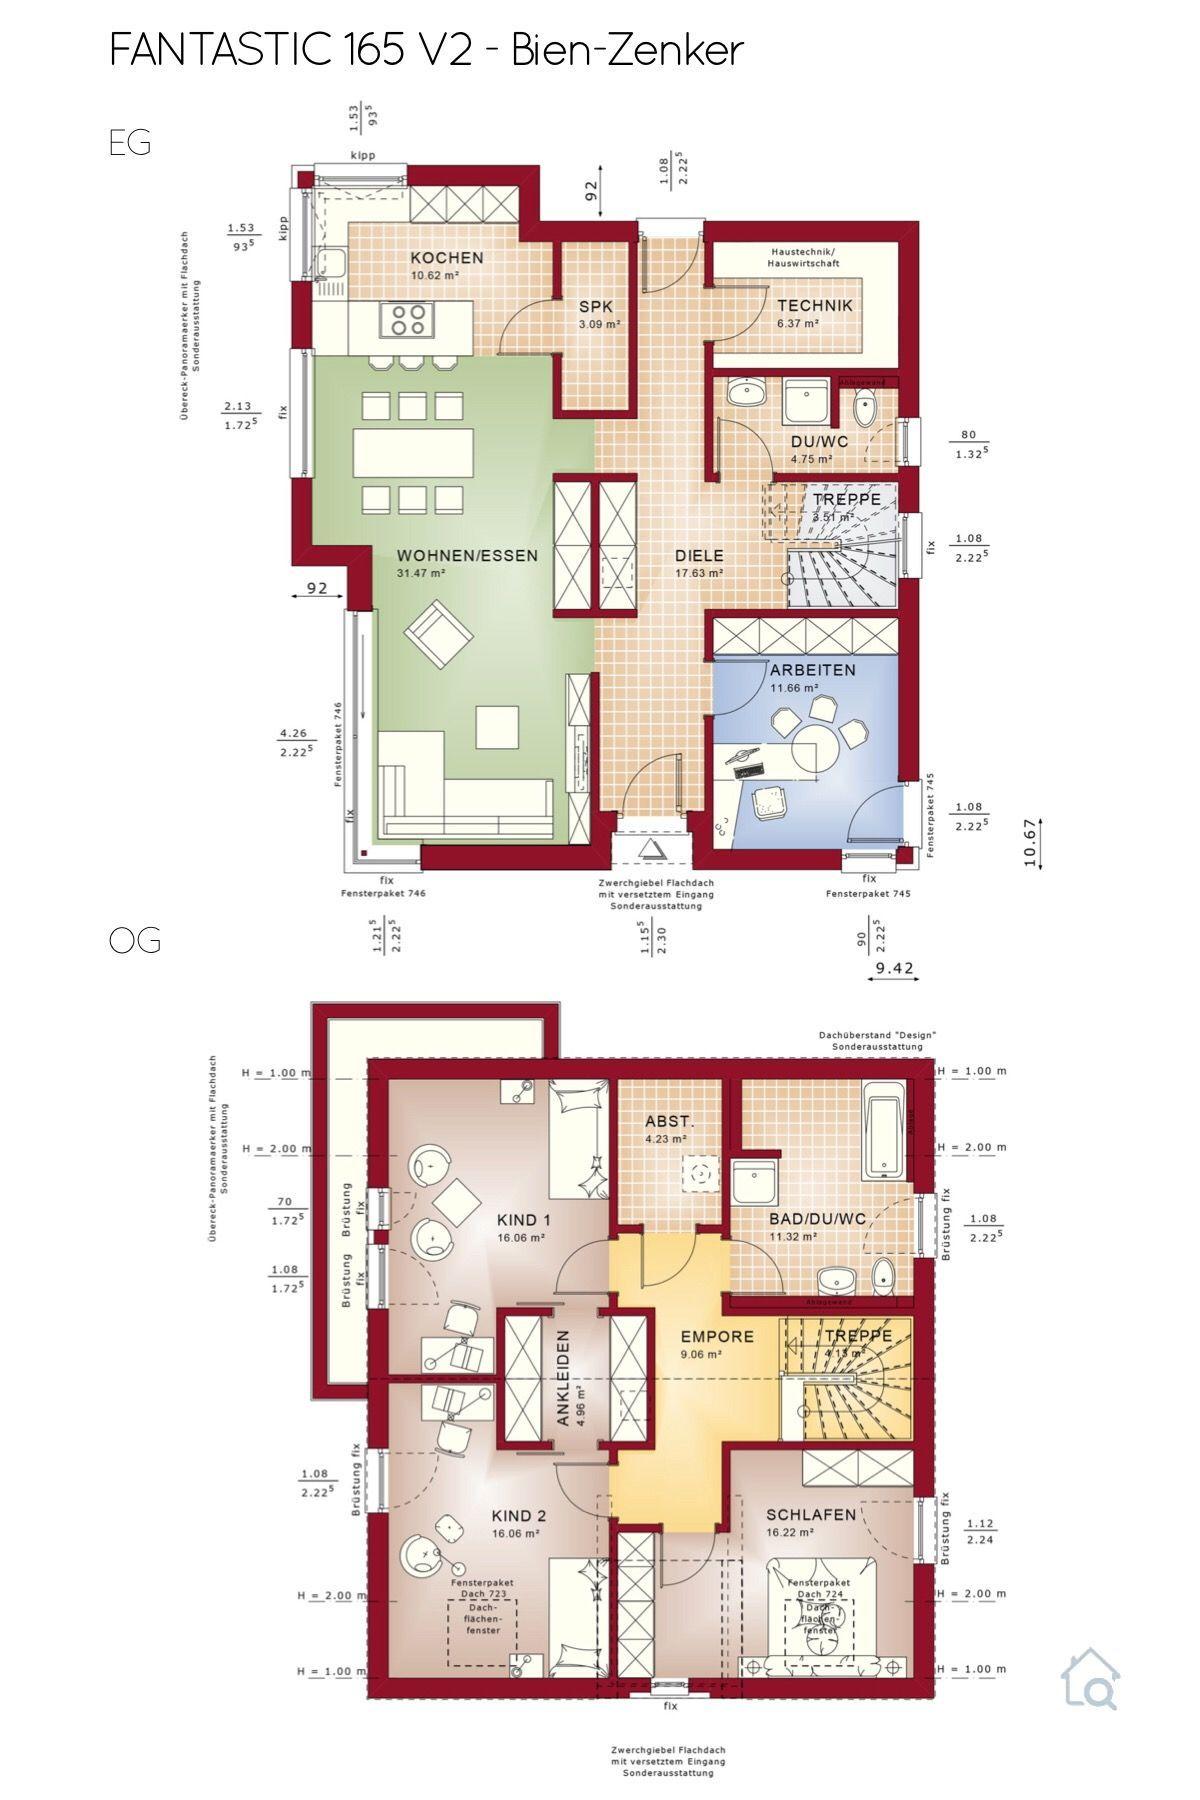 Grundriss Einfamilienhaus modern mit Satteldach 5 Zimmer